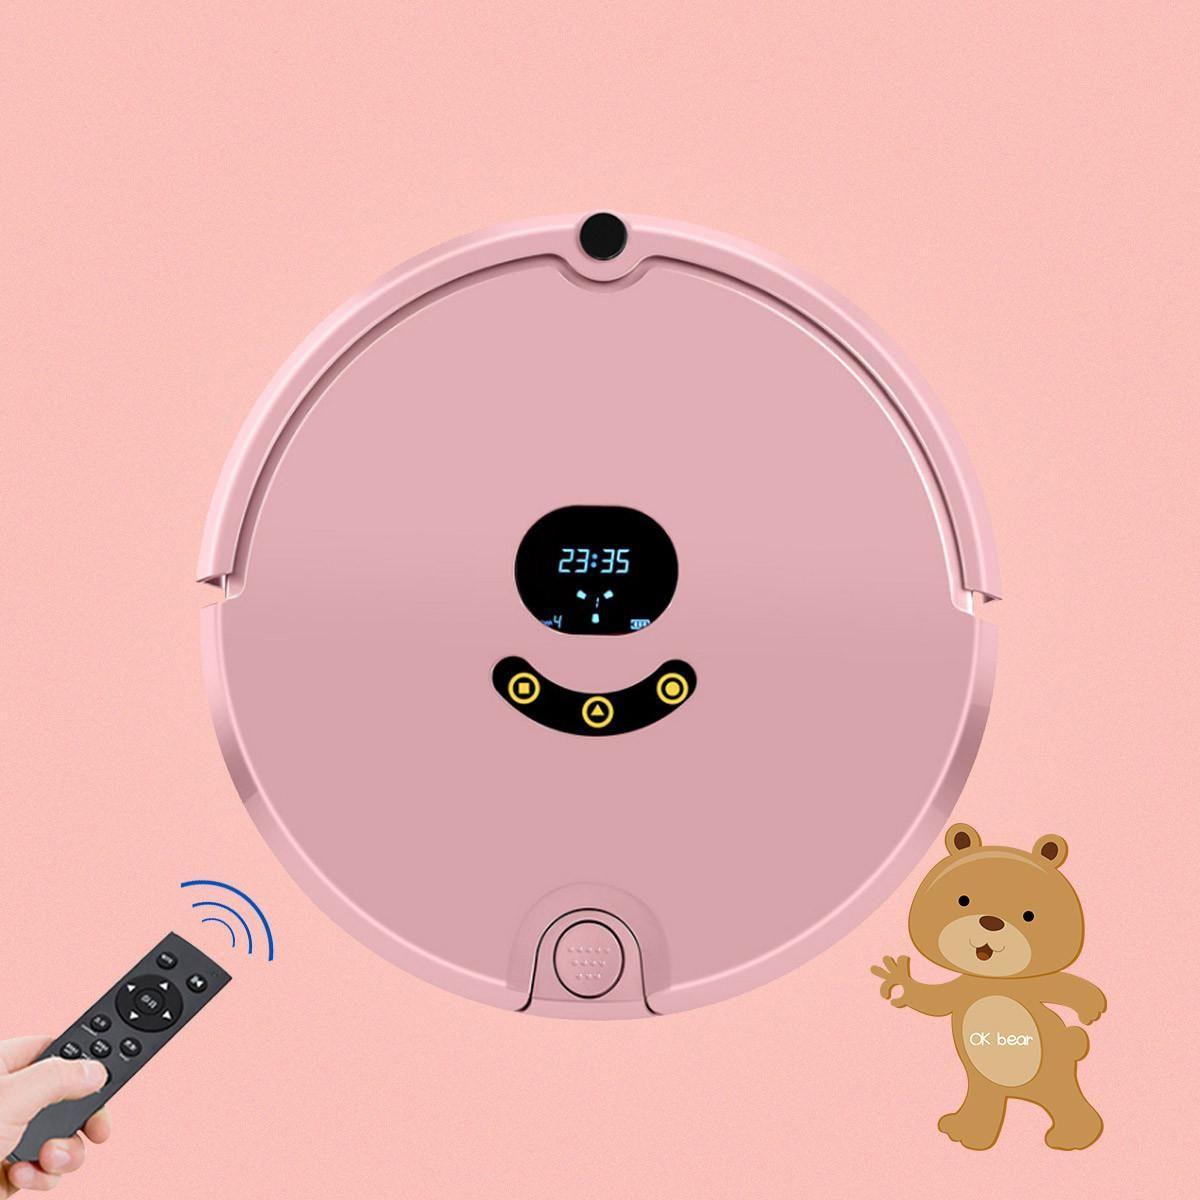 智能小家电品牌OK BEAR,提升家居生活幸福感(组图)